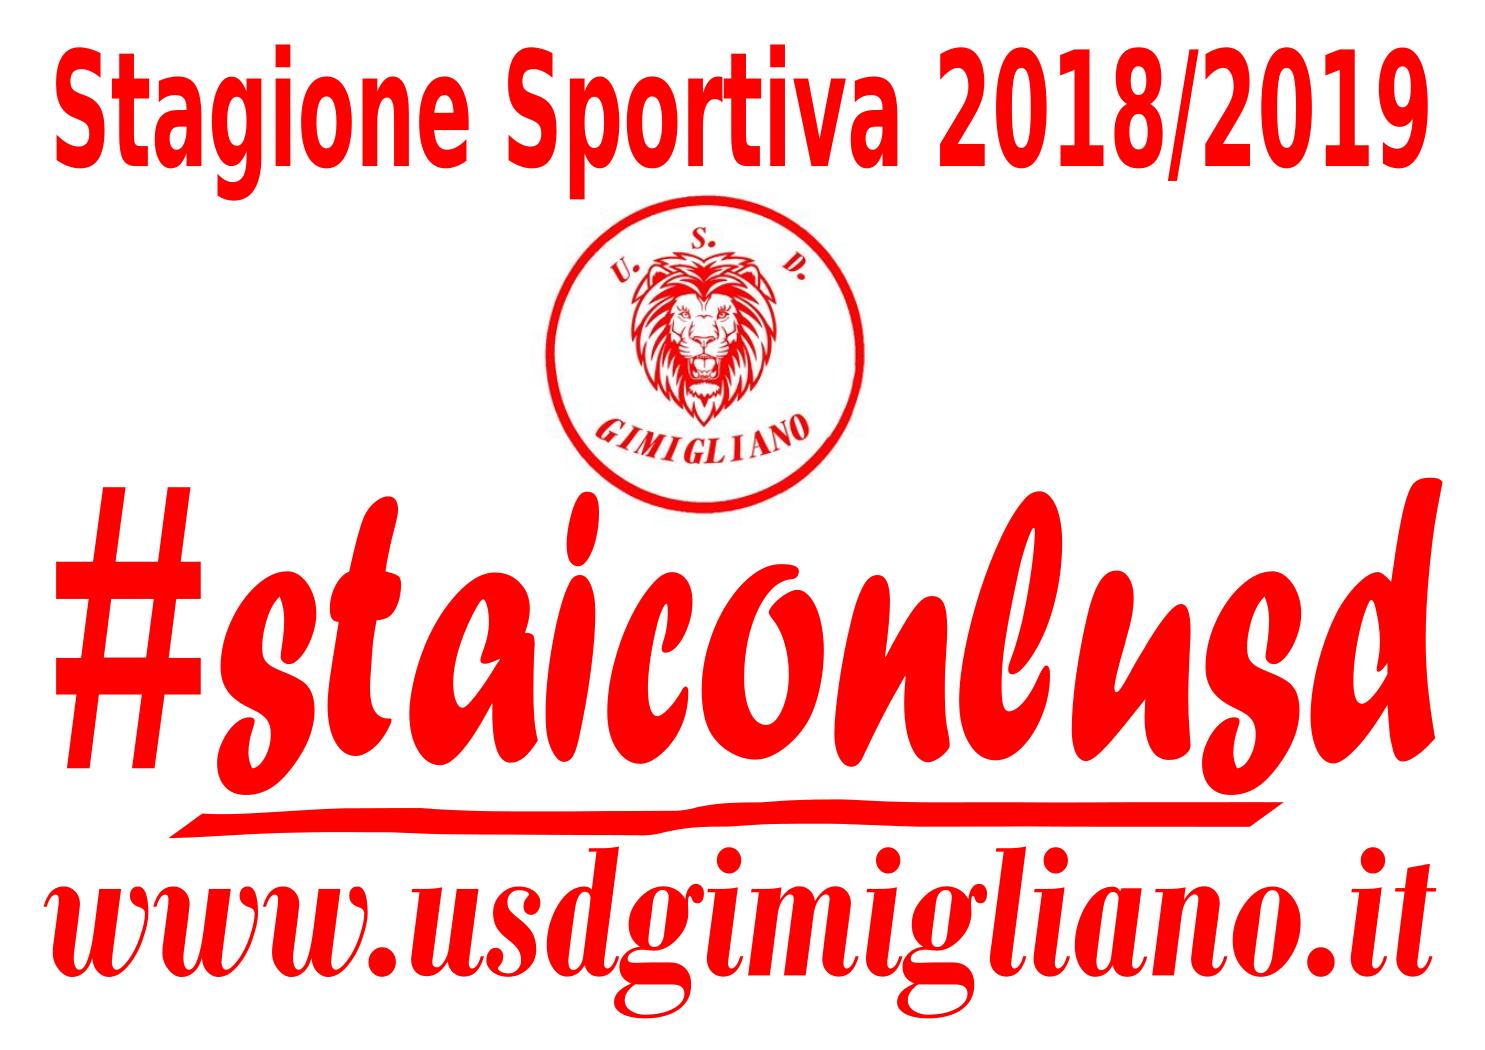 http://iniziativagimigliano.com/domain/wp-content/uploads/2018/07/staiconusd1819.png